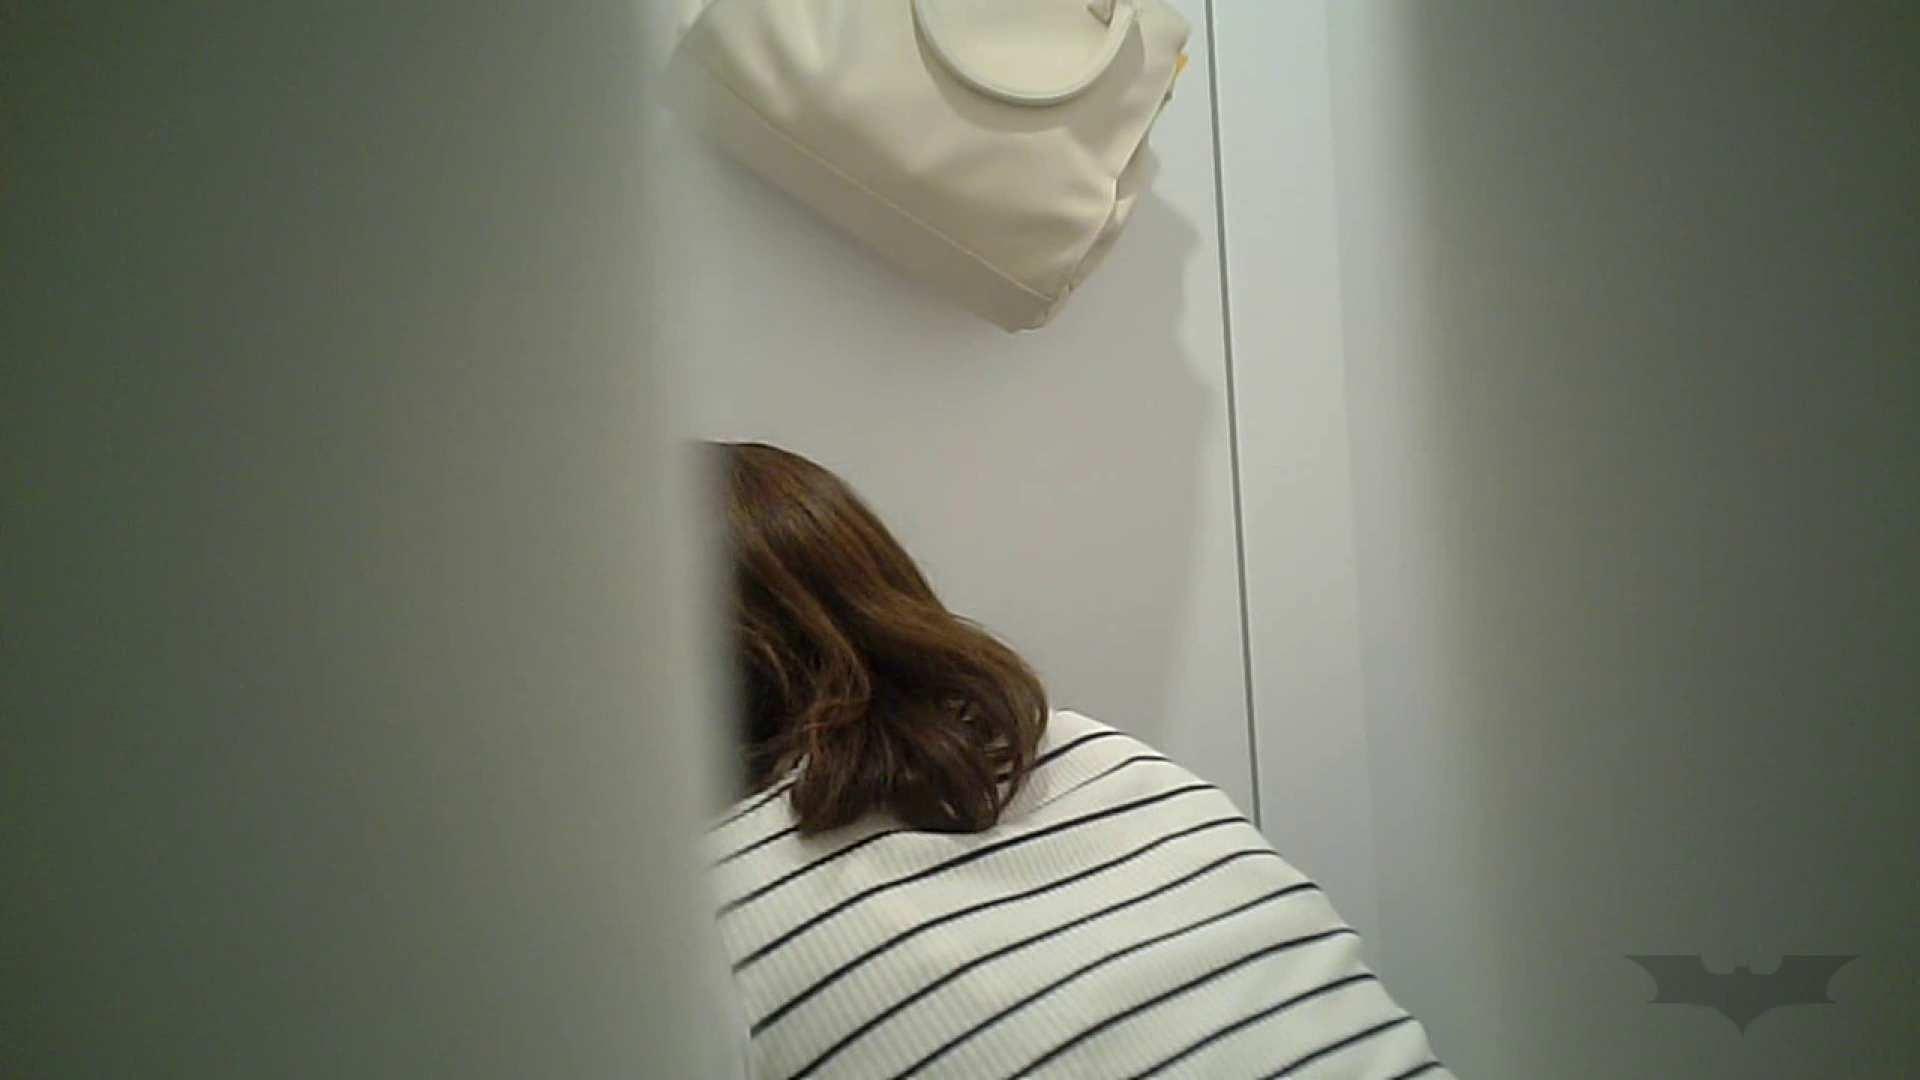 有名大学女性洗面所 vol.37 ついでにアンダーヘアーの状態確認ですね。 洗面所 AV無料動画キャプチャ 105画像 103